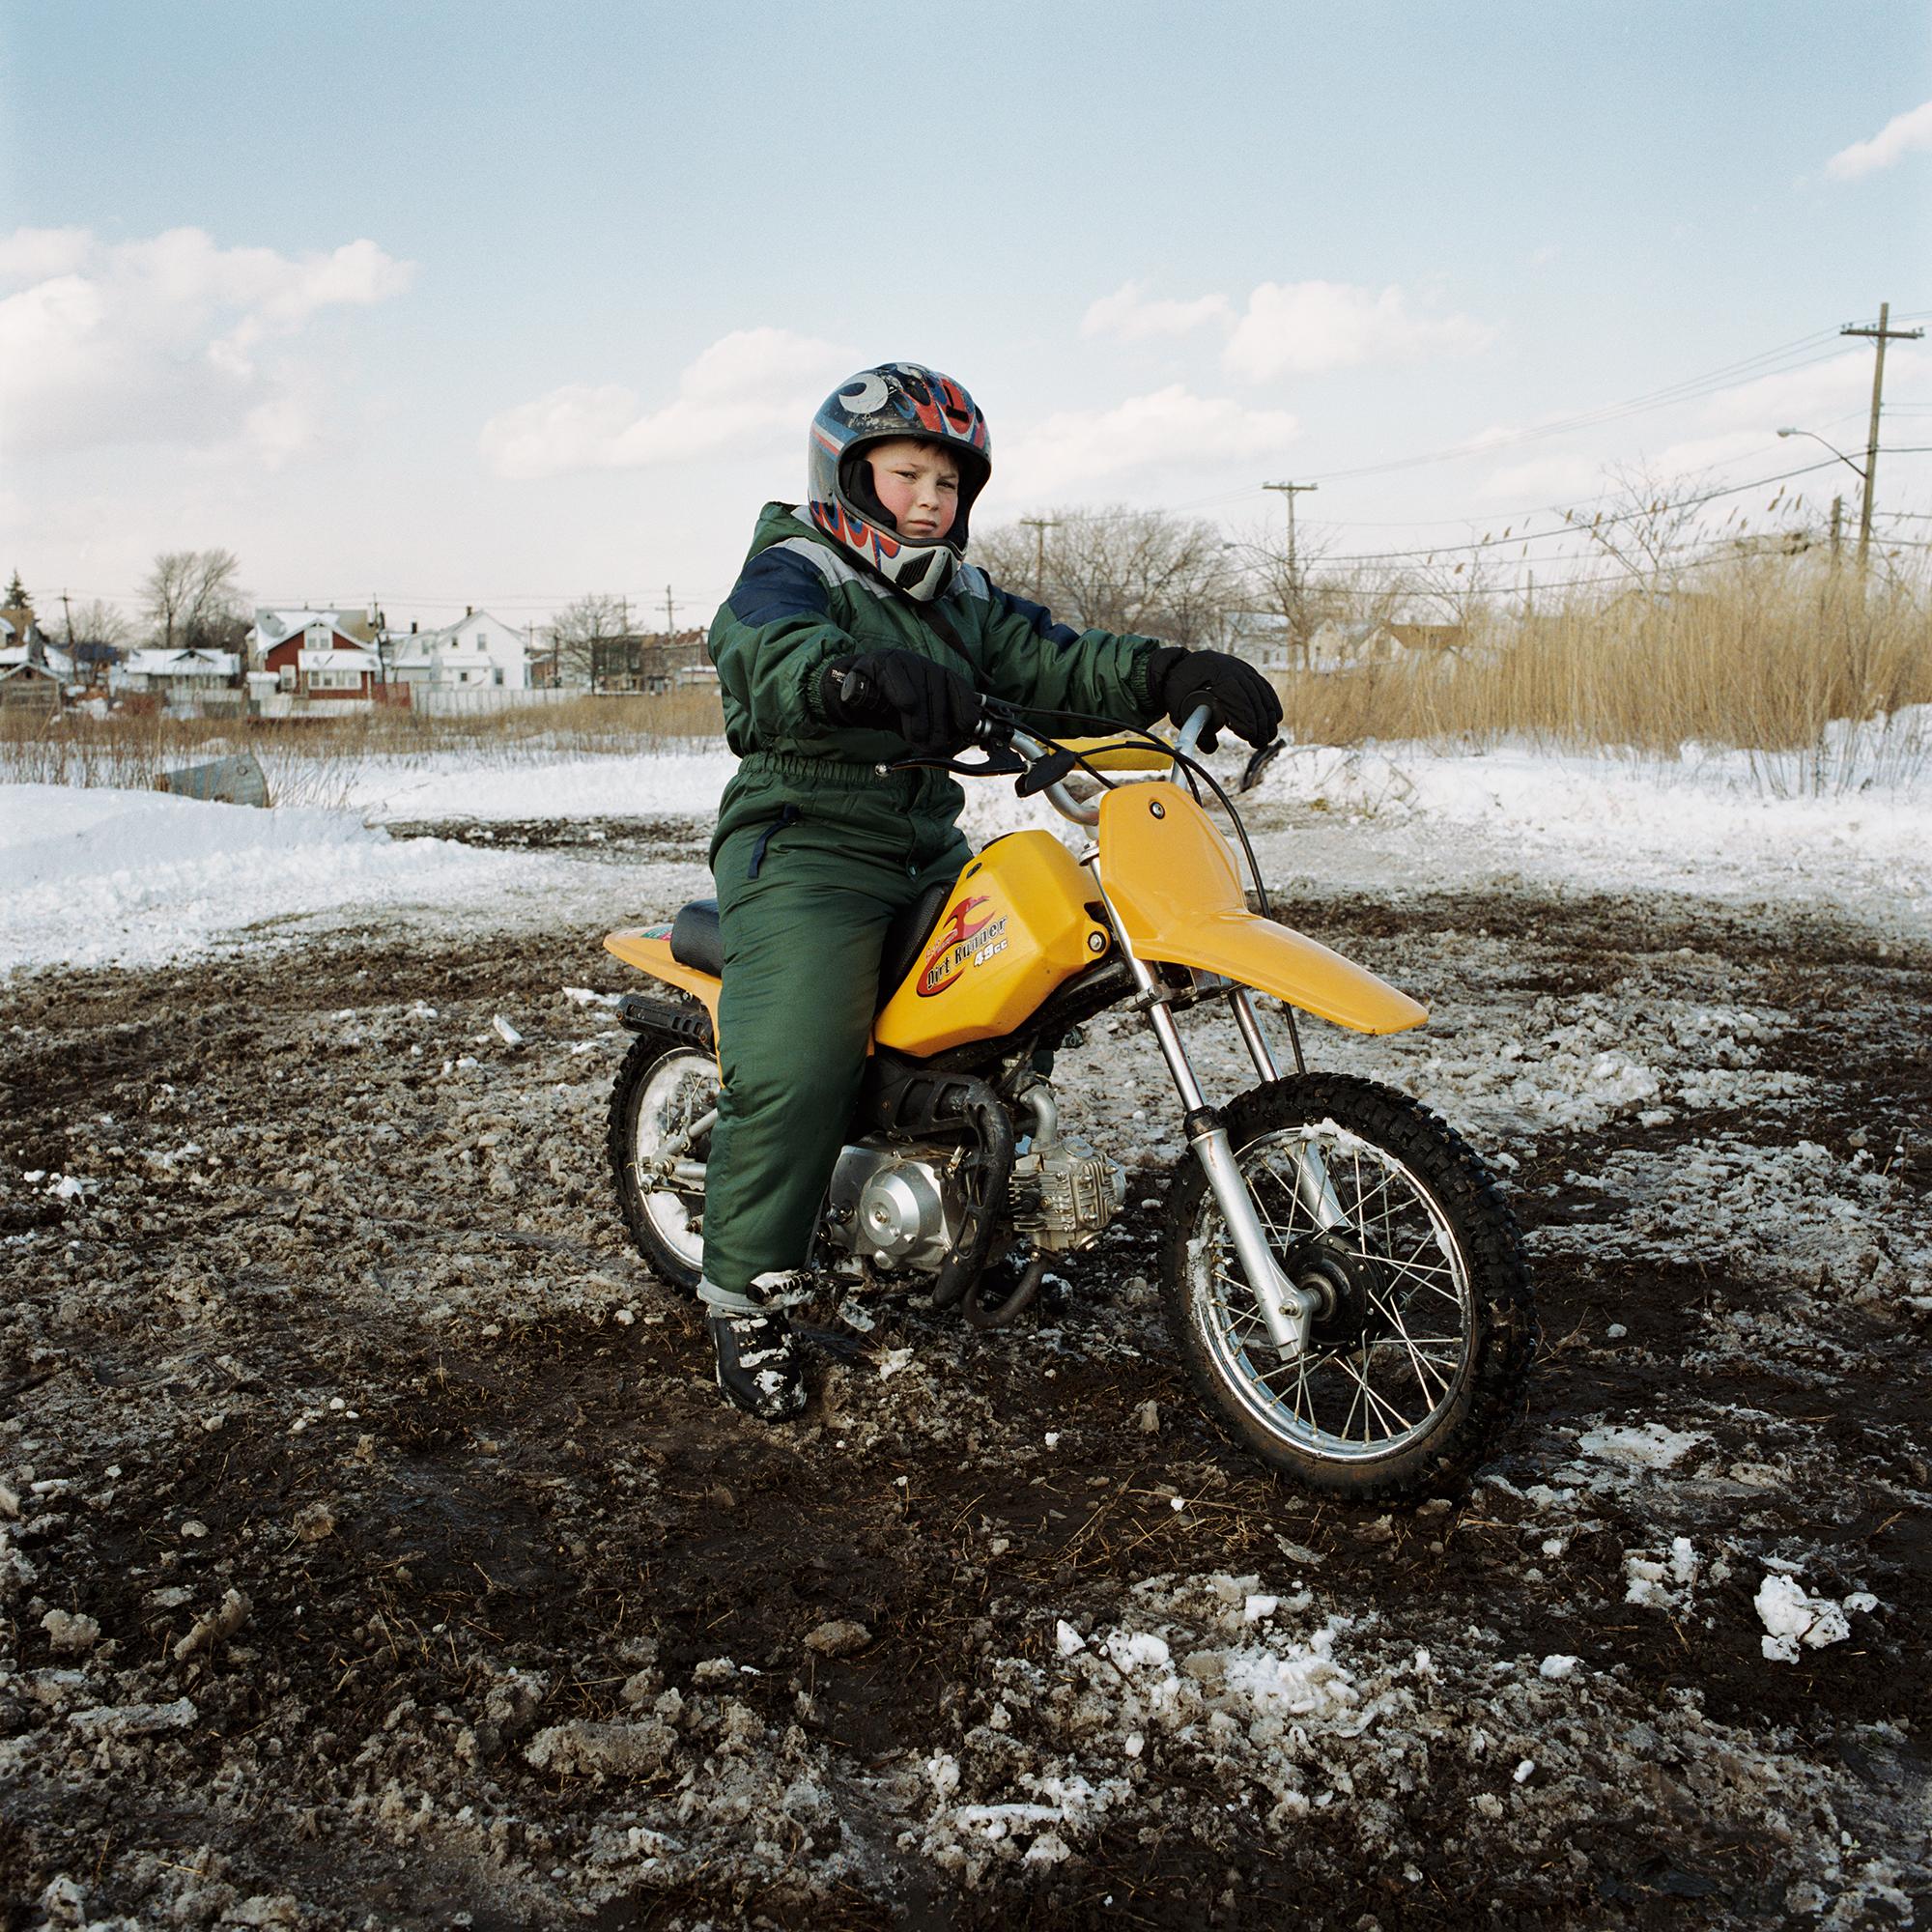 motorcyclist, old howard beach, ny